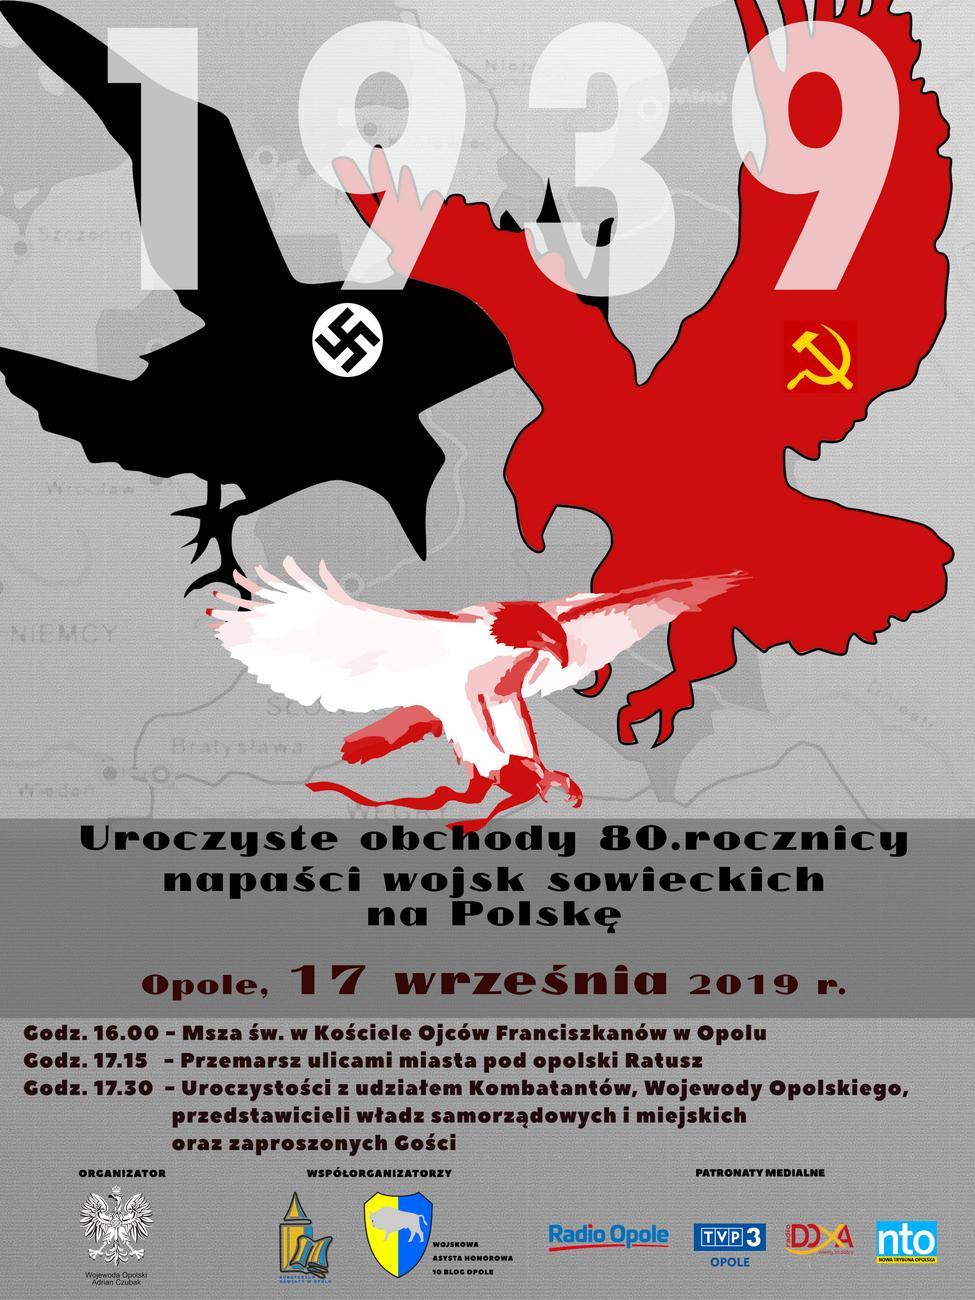 Opolanie upamiętnią 80. rocznicę napaści wojsk sowieckich na Polskę – poznaj szczegóły! [materiały organizatora]